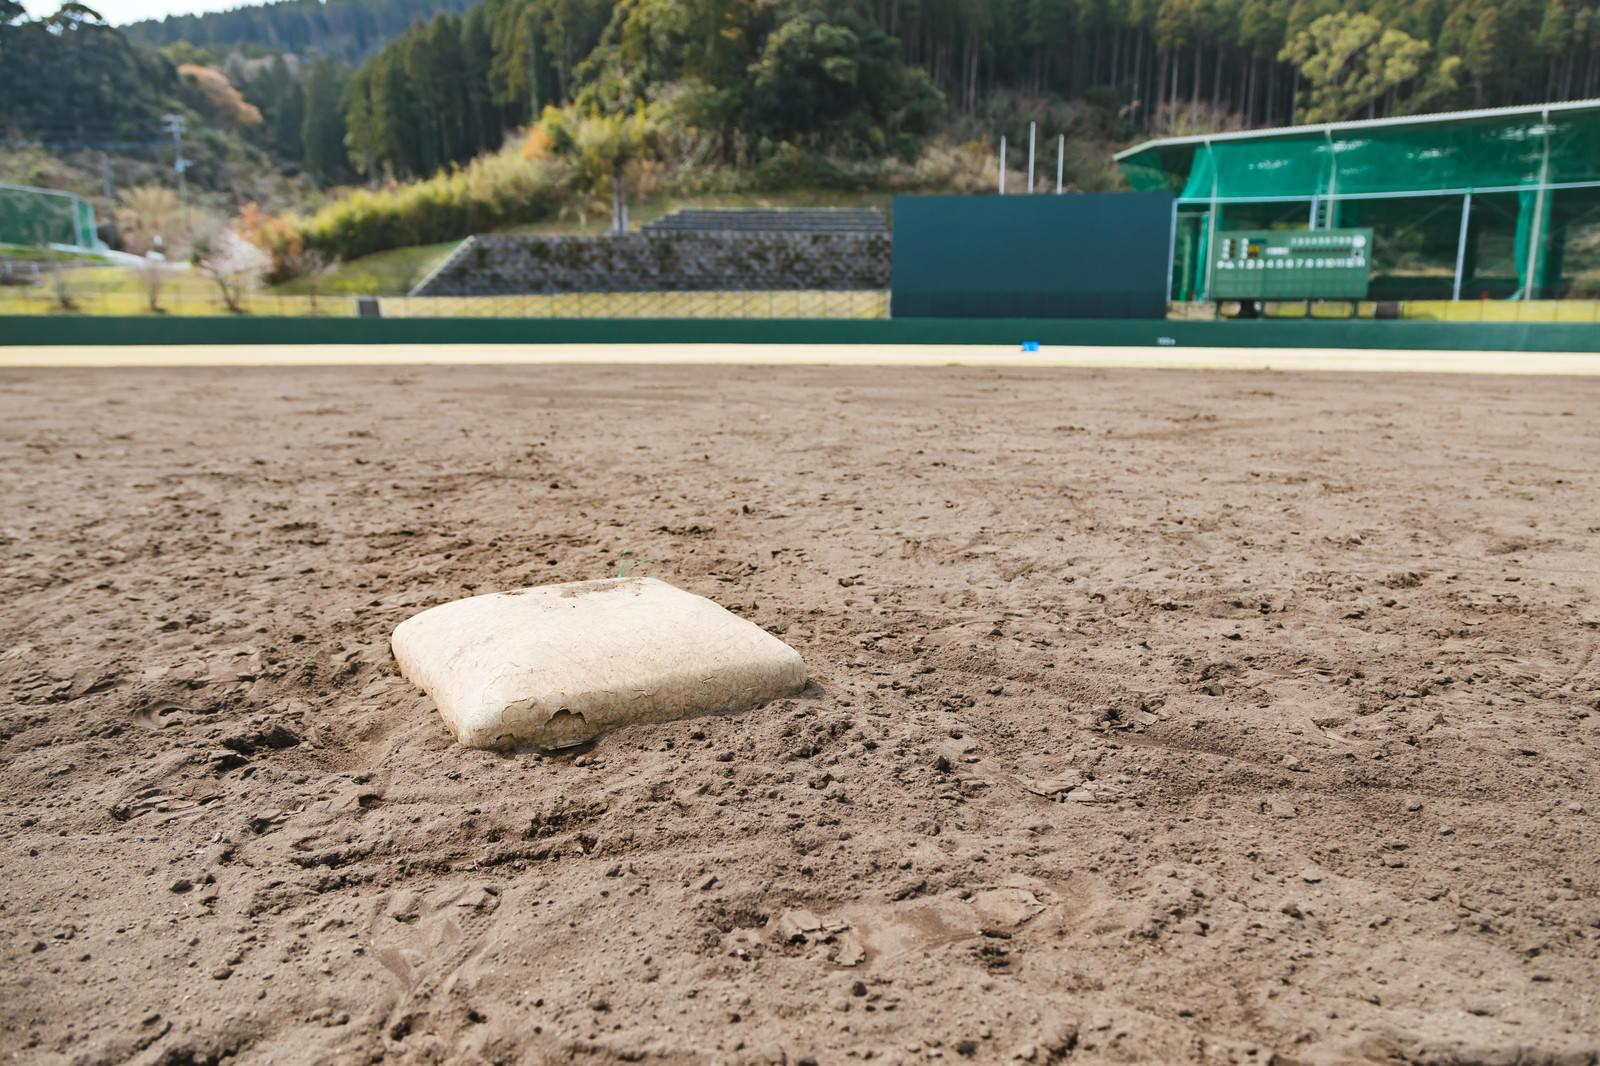 「天福球場の二塁ベース」の写真